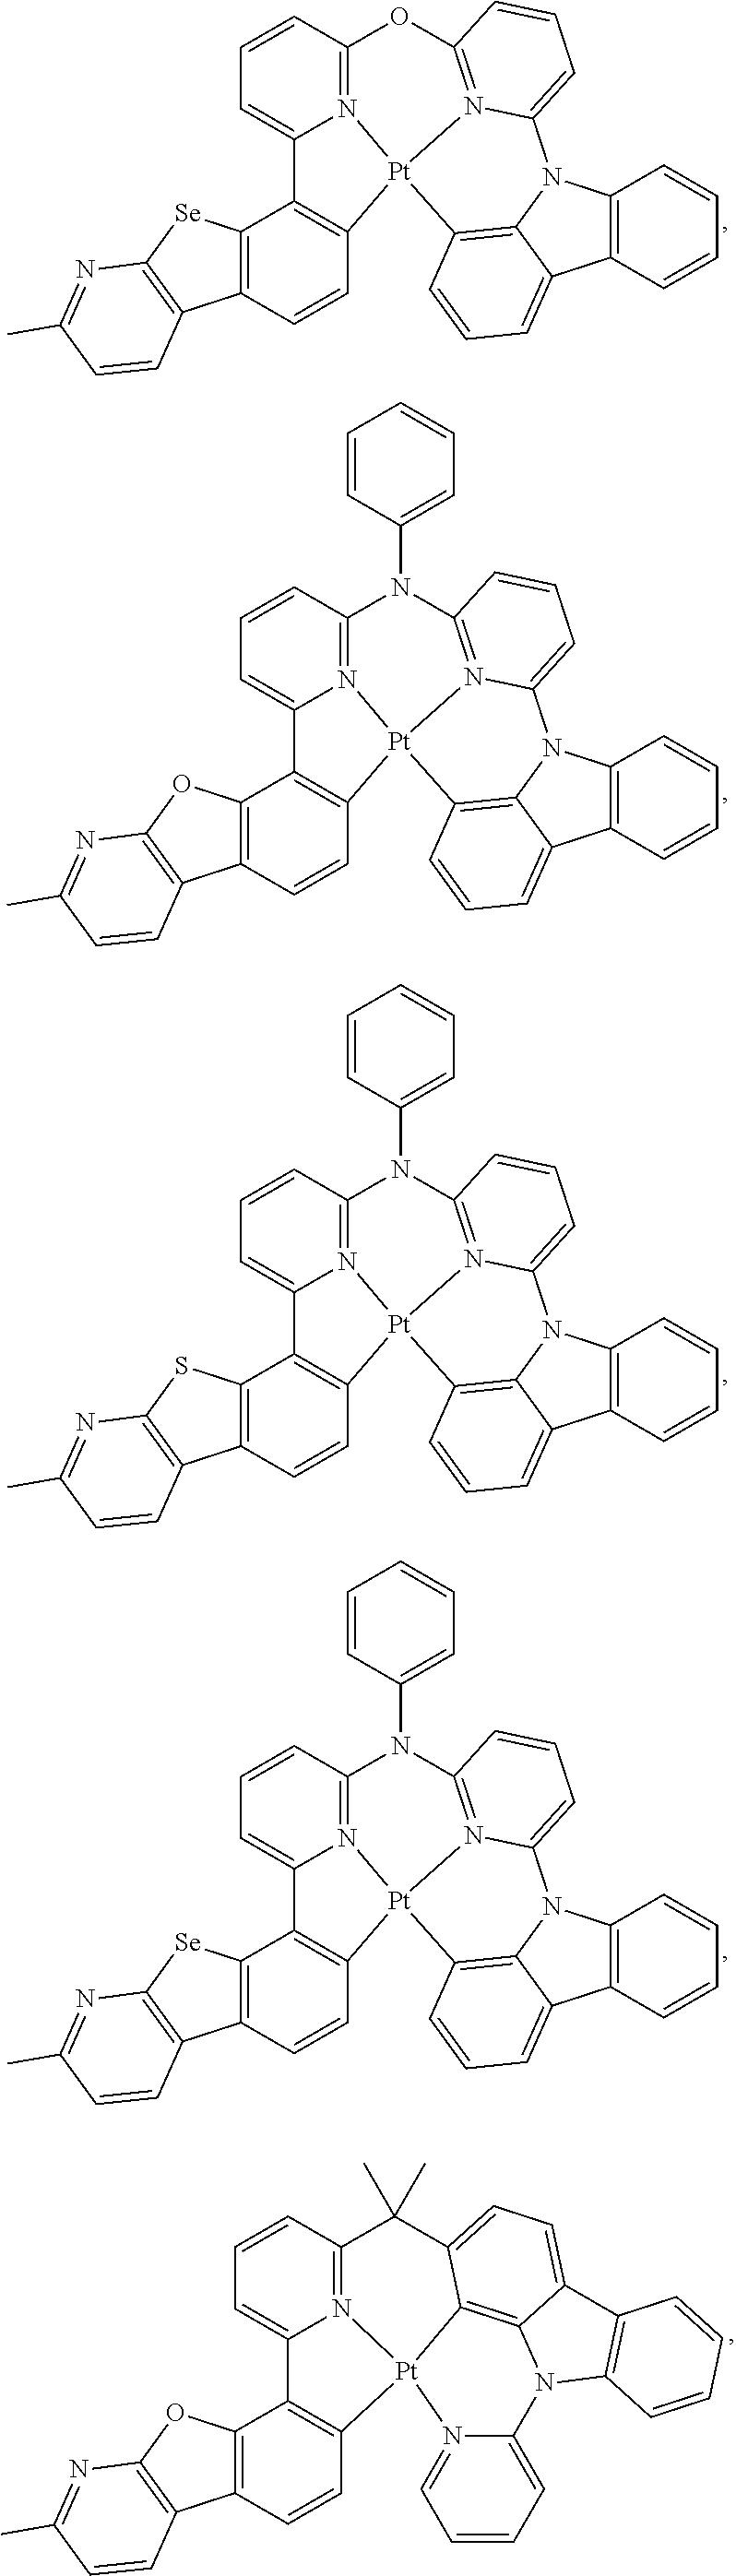 Figure US09871214-20180116-C00038